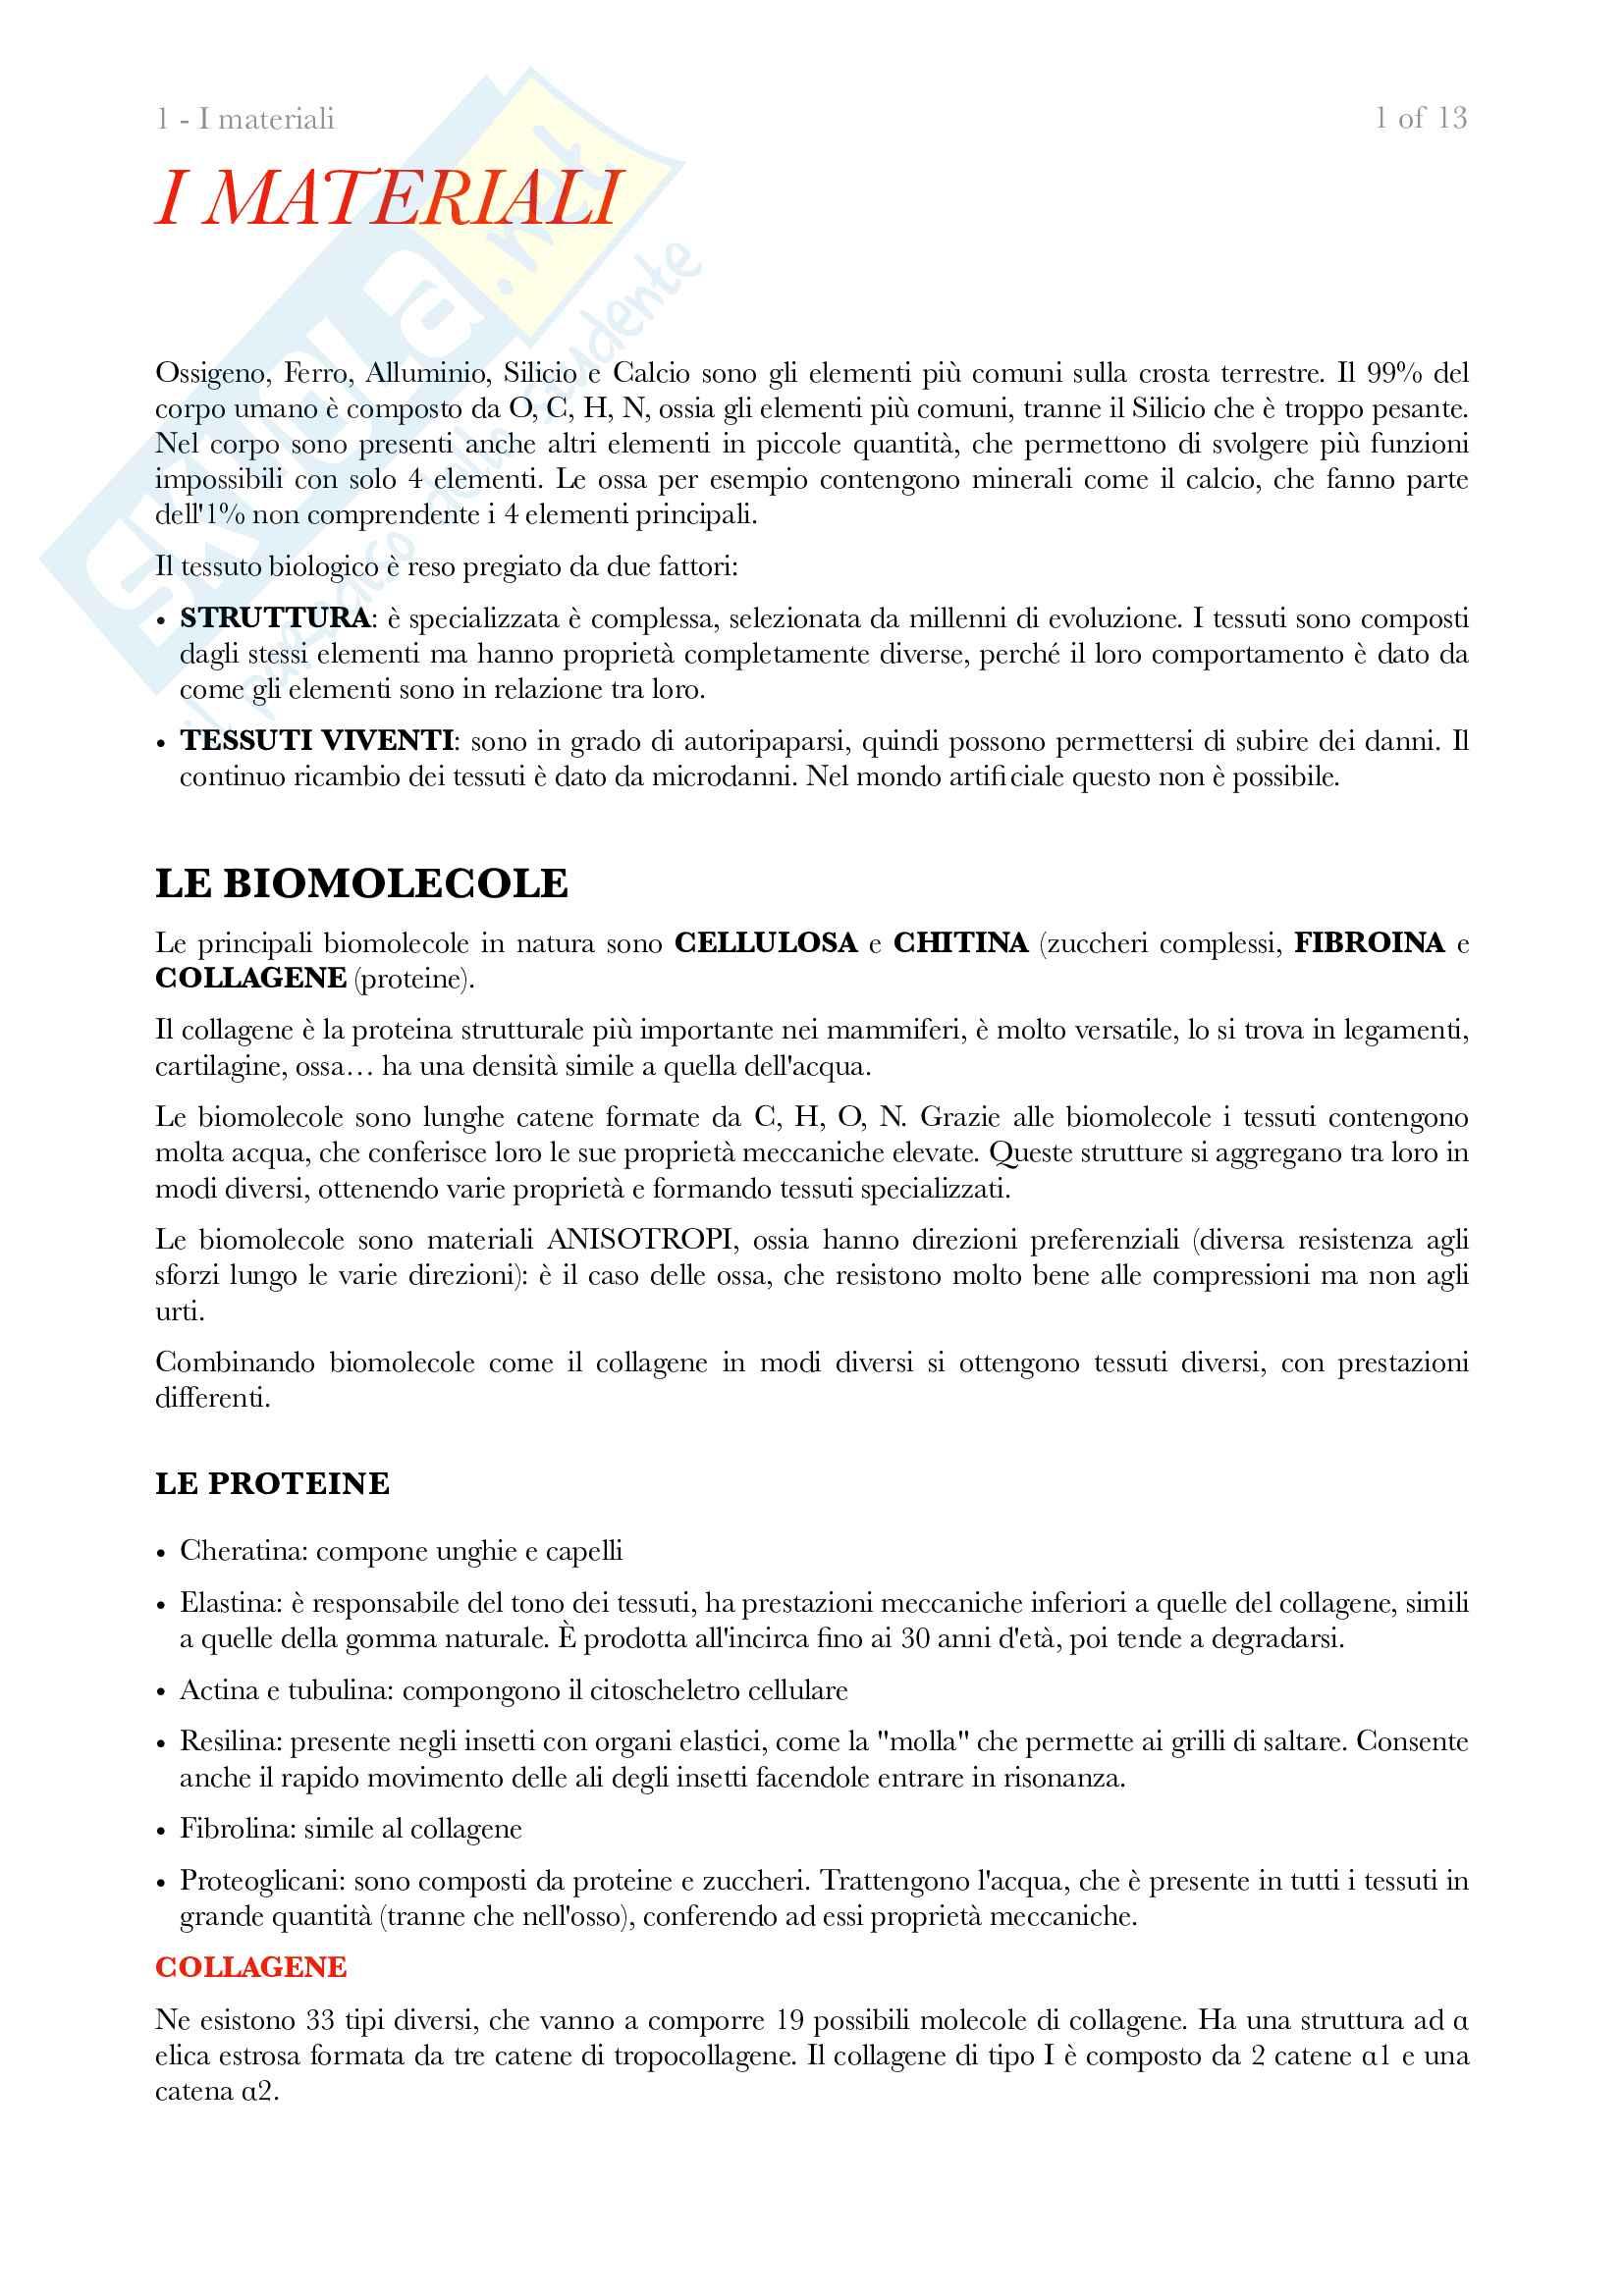 Appunti di biomeccanica, prof. Redaelli